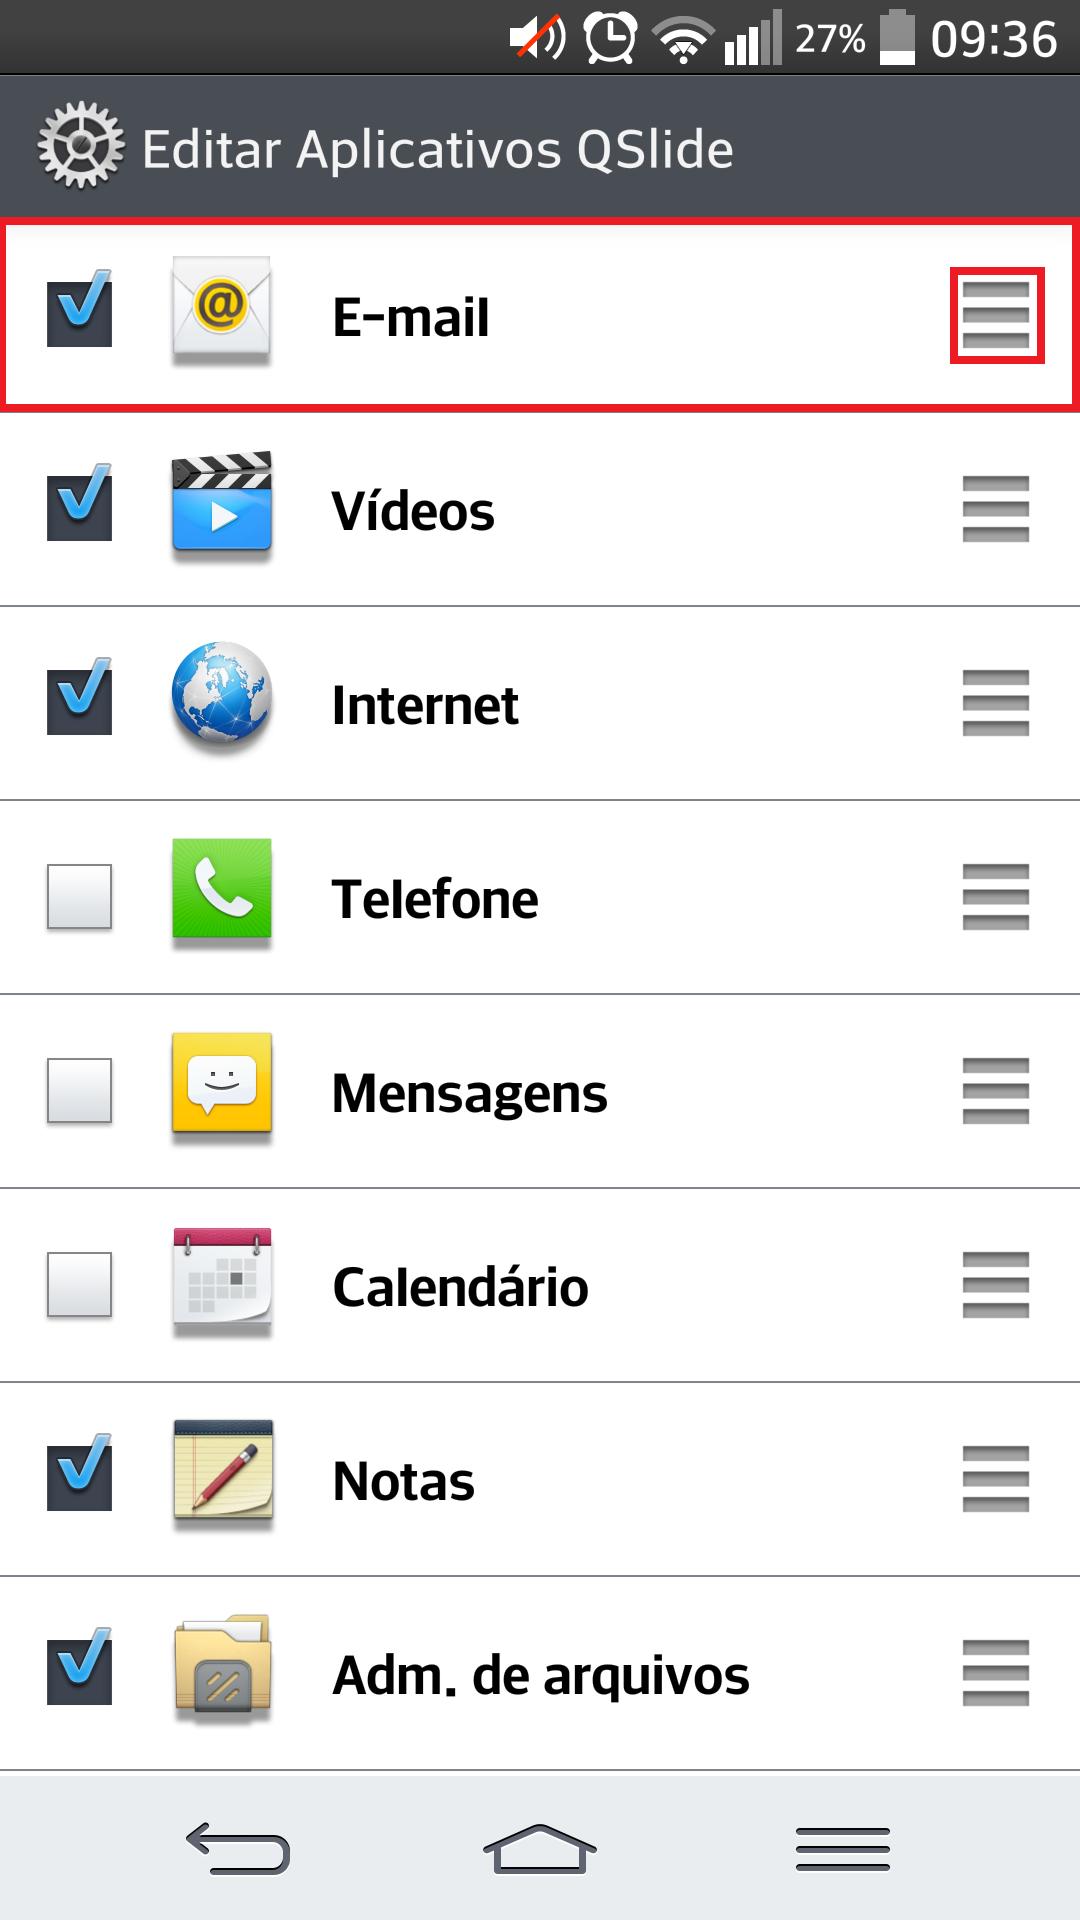 Um ícone à direita de cada aplicativo faz com que você altere a posição na sequência desejada. Basta tocá-lo, segurar e arrastar para o local desejado